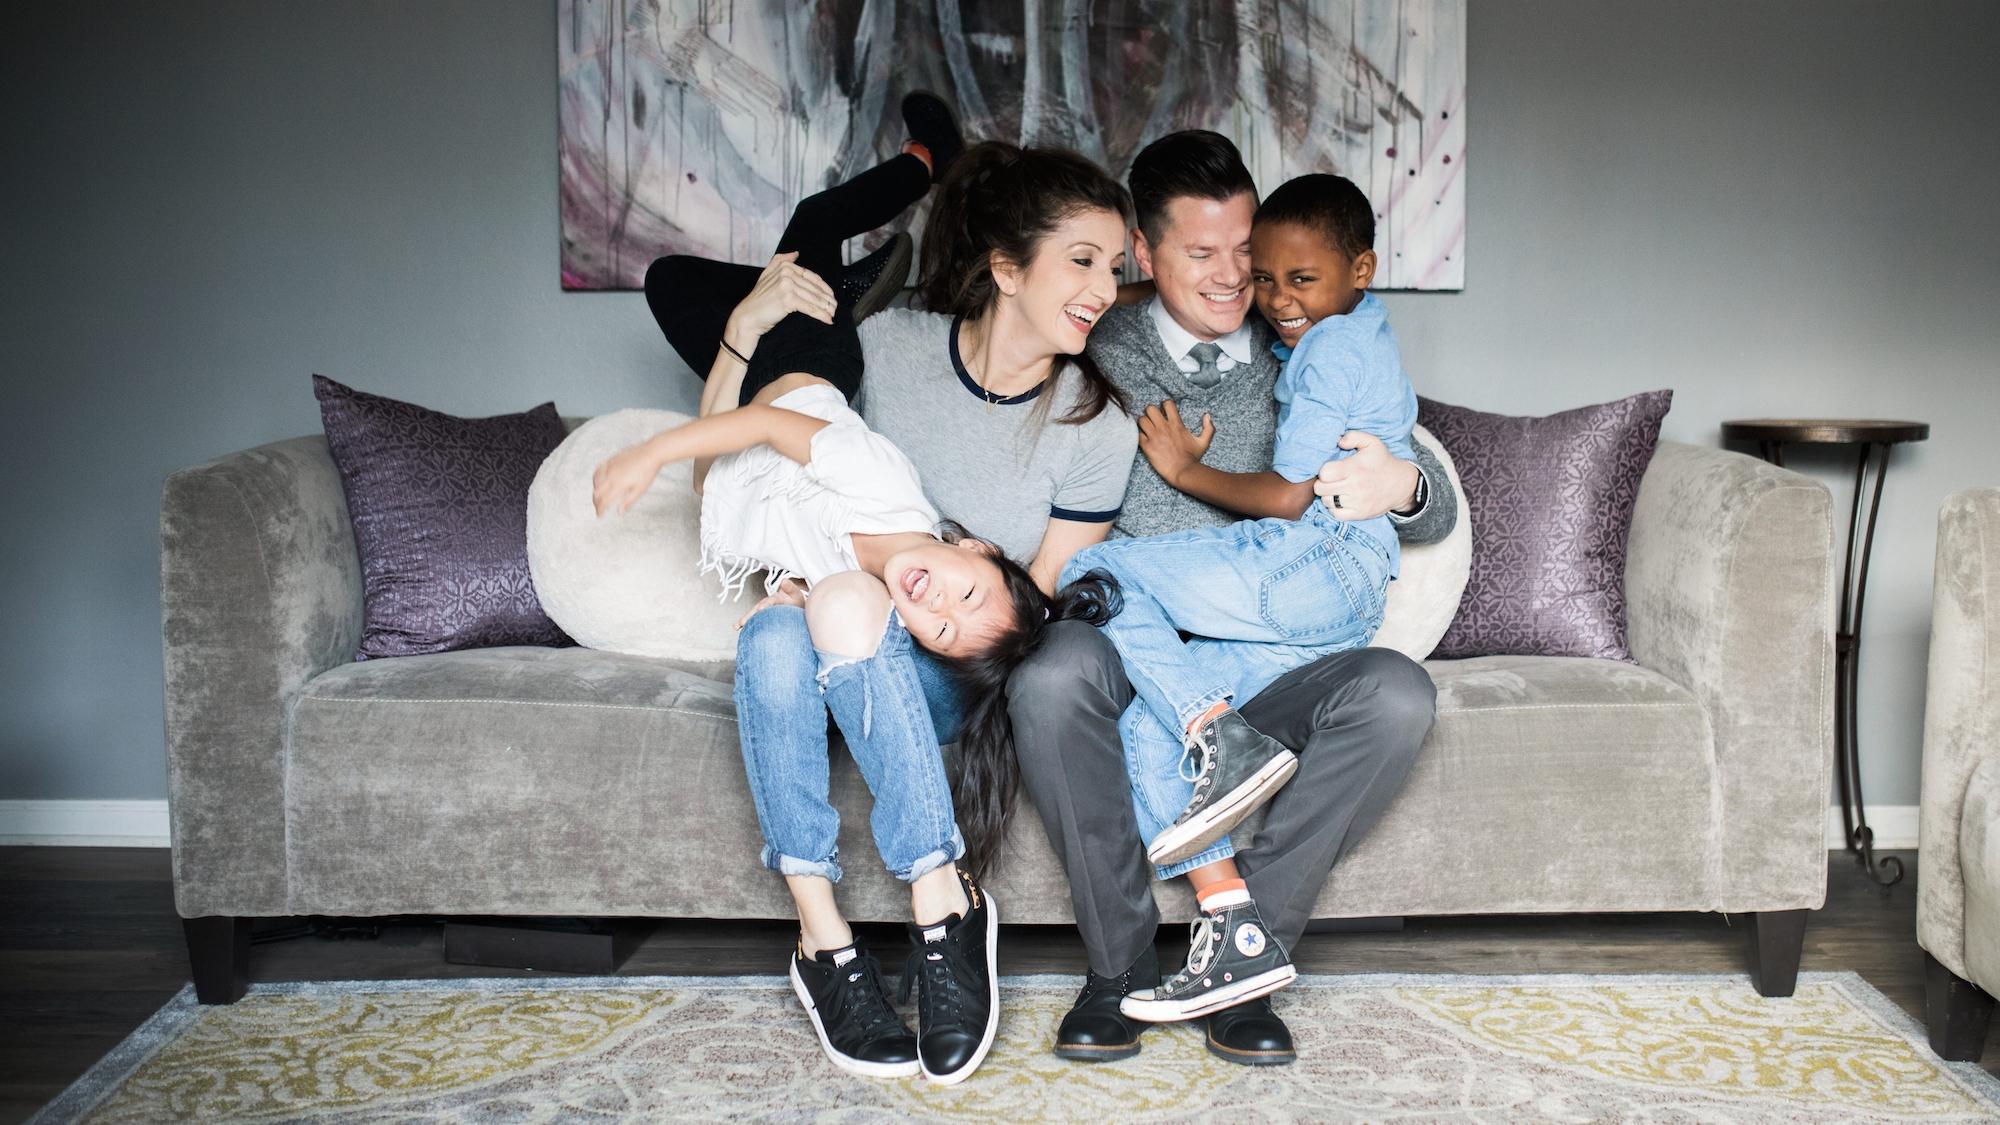 Vinson Family